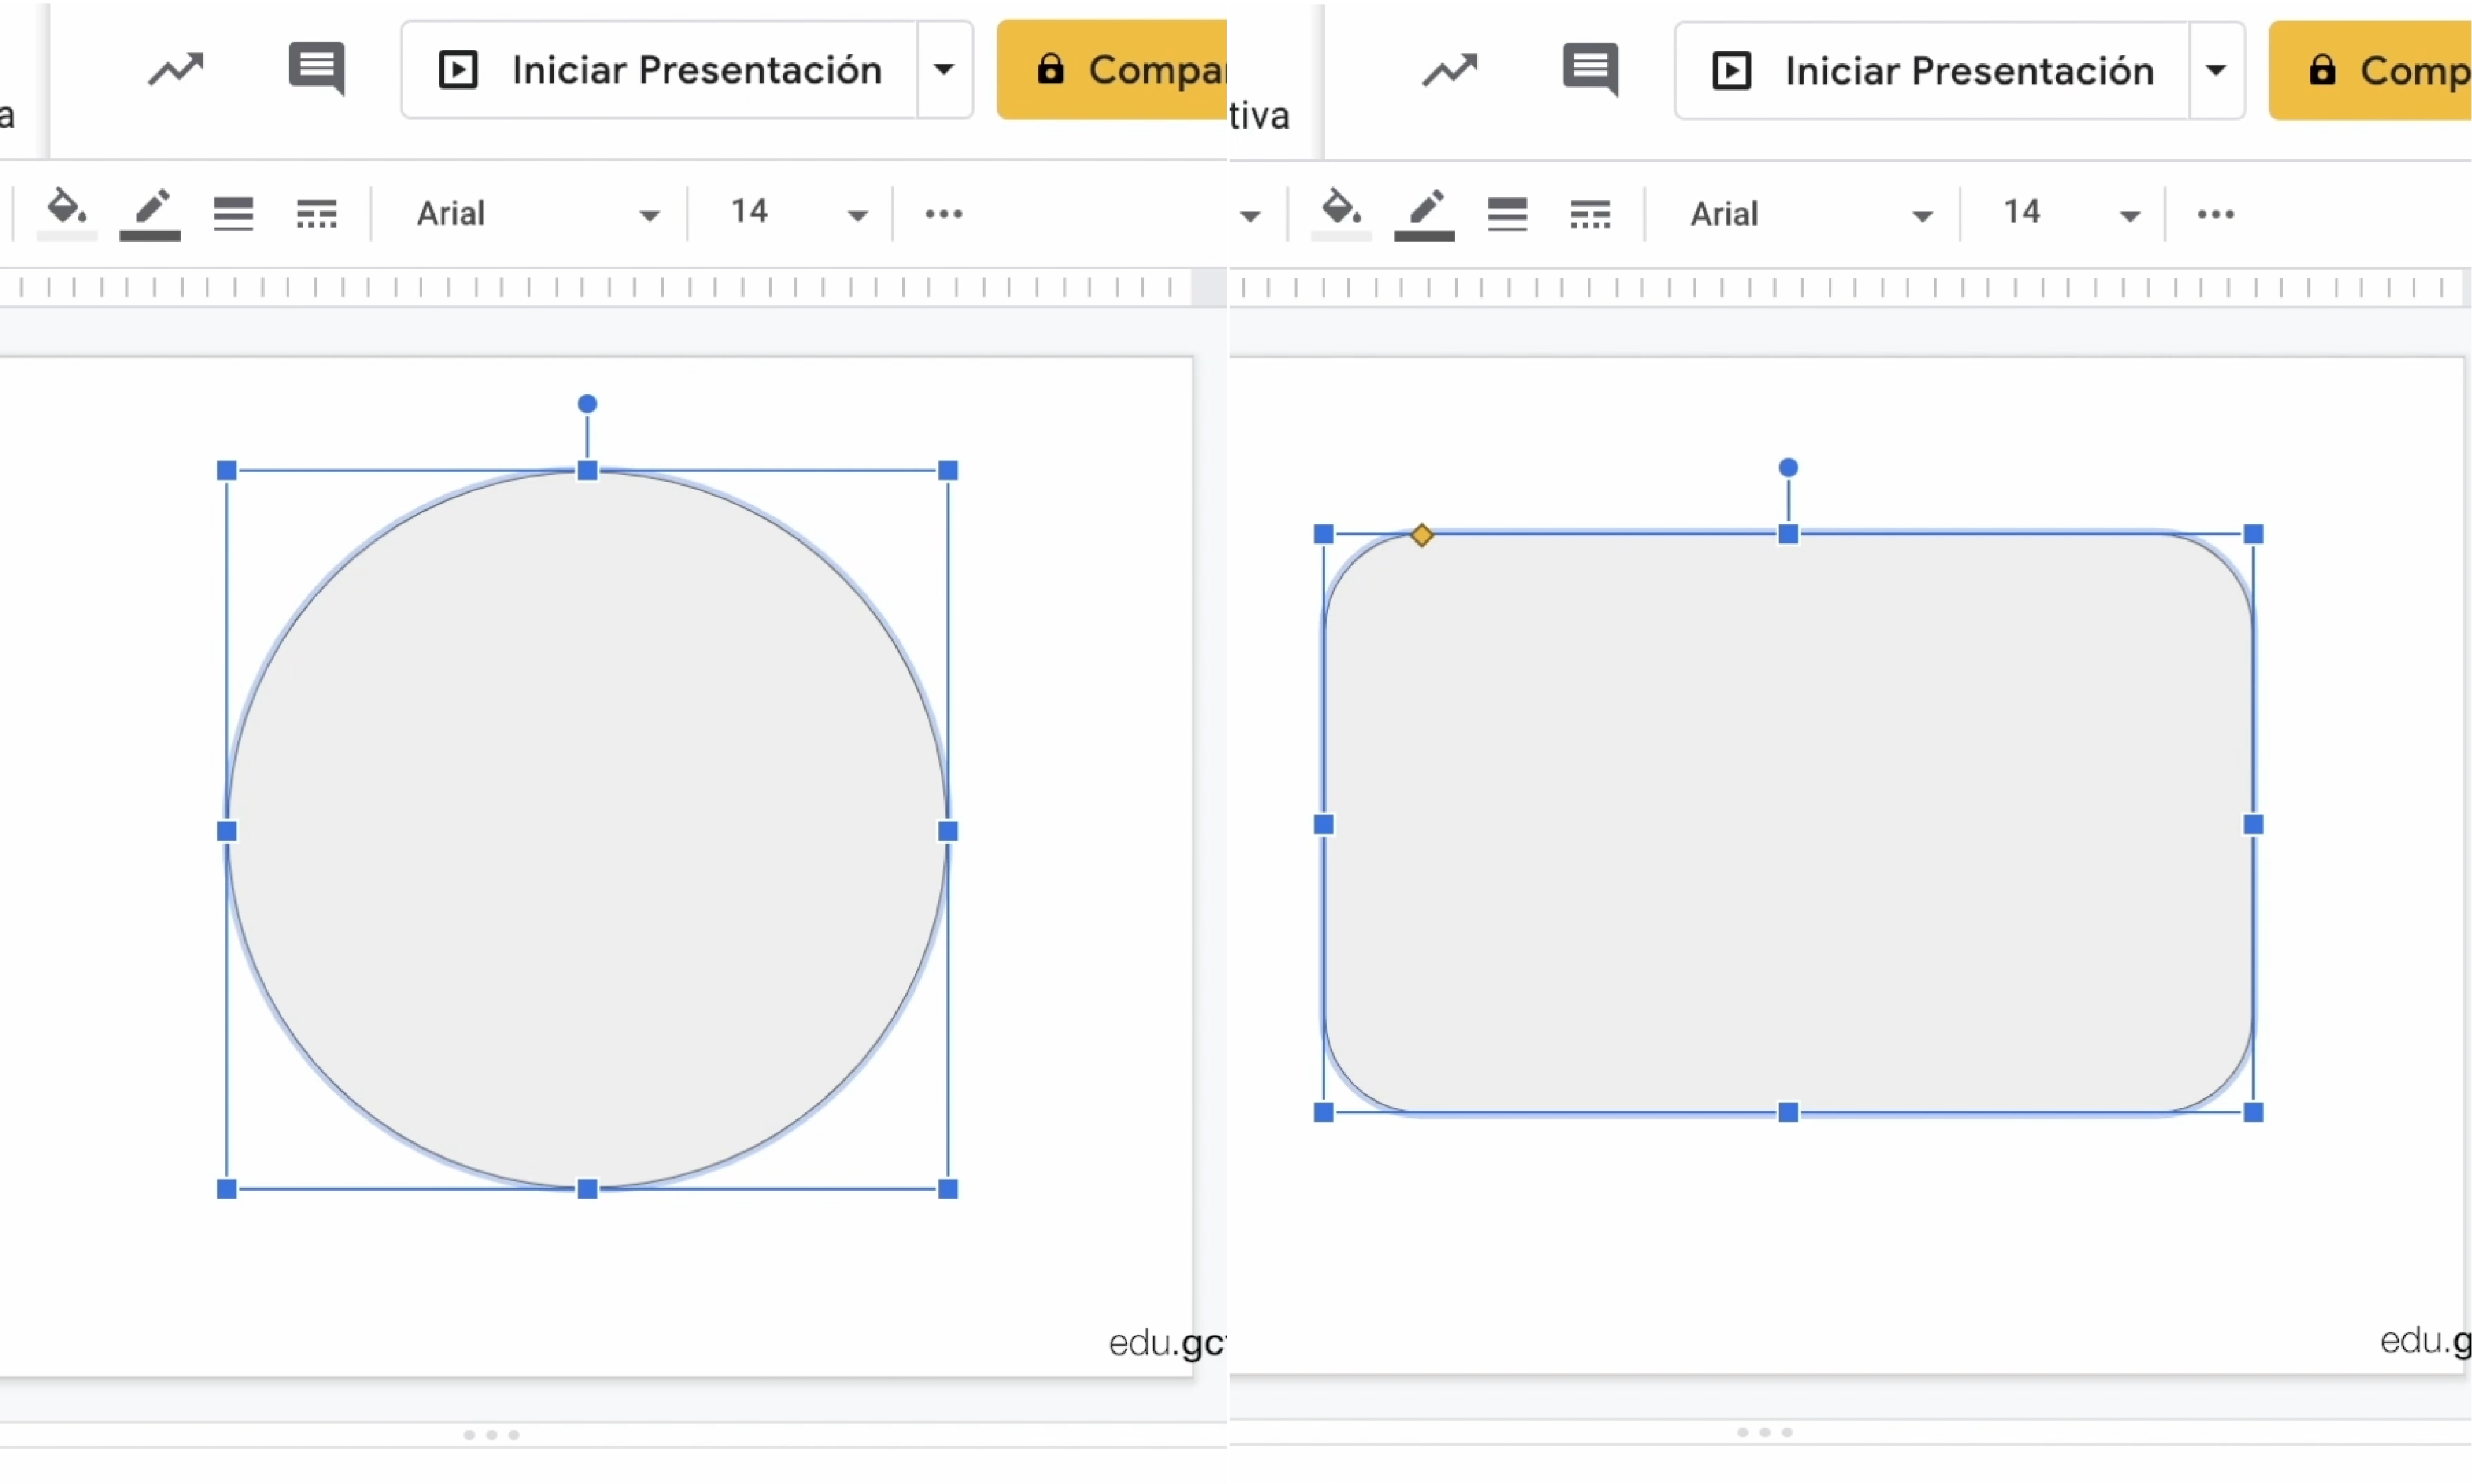 Imágenes de elipse y rectángulo de esquinas redondeadas en diapositivas.